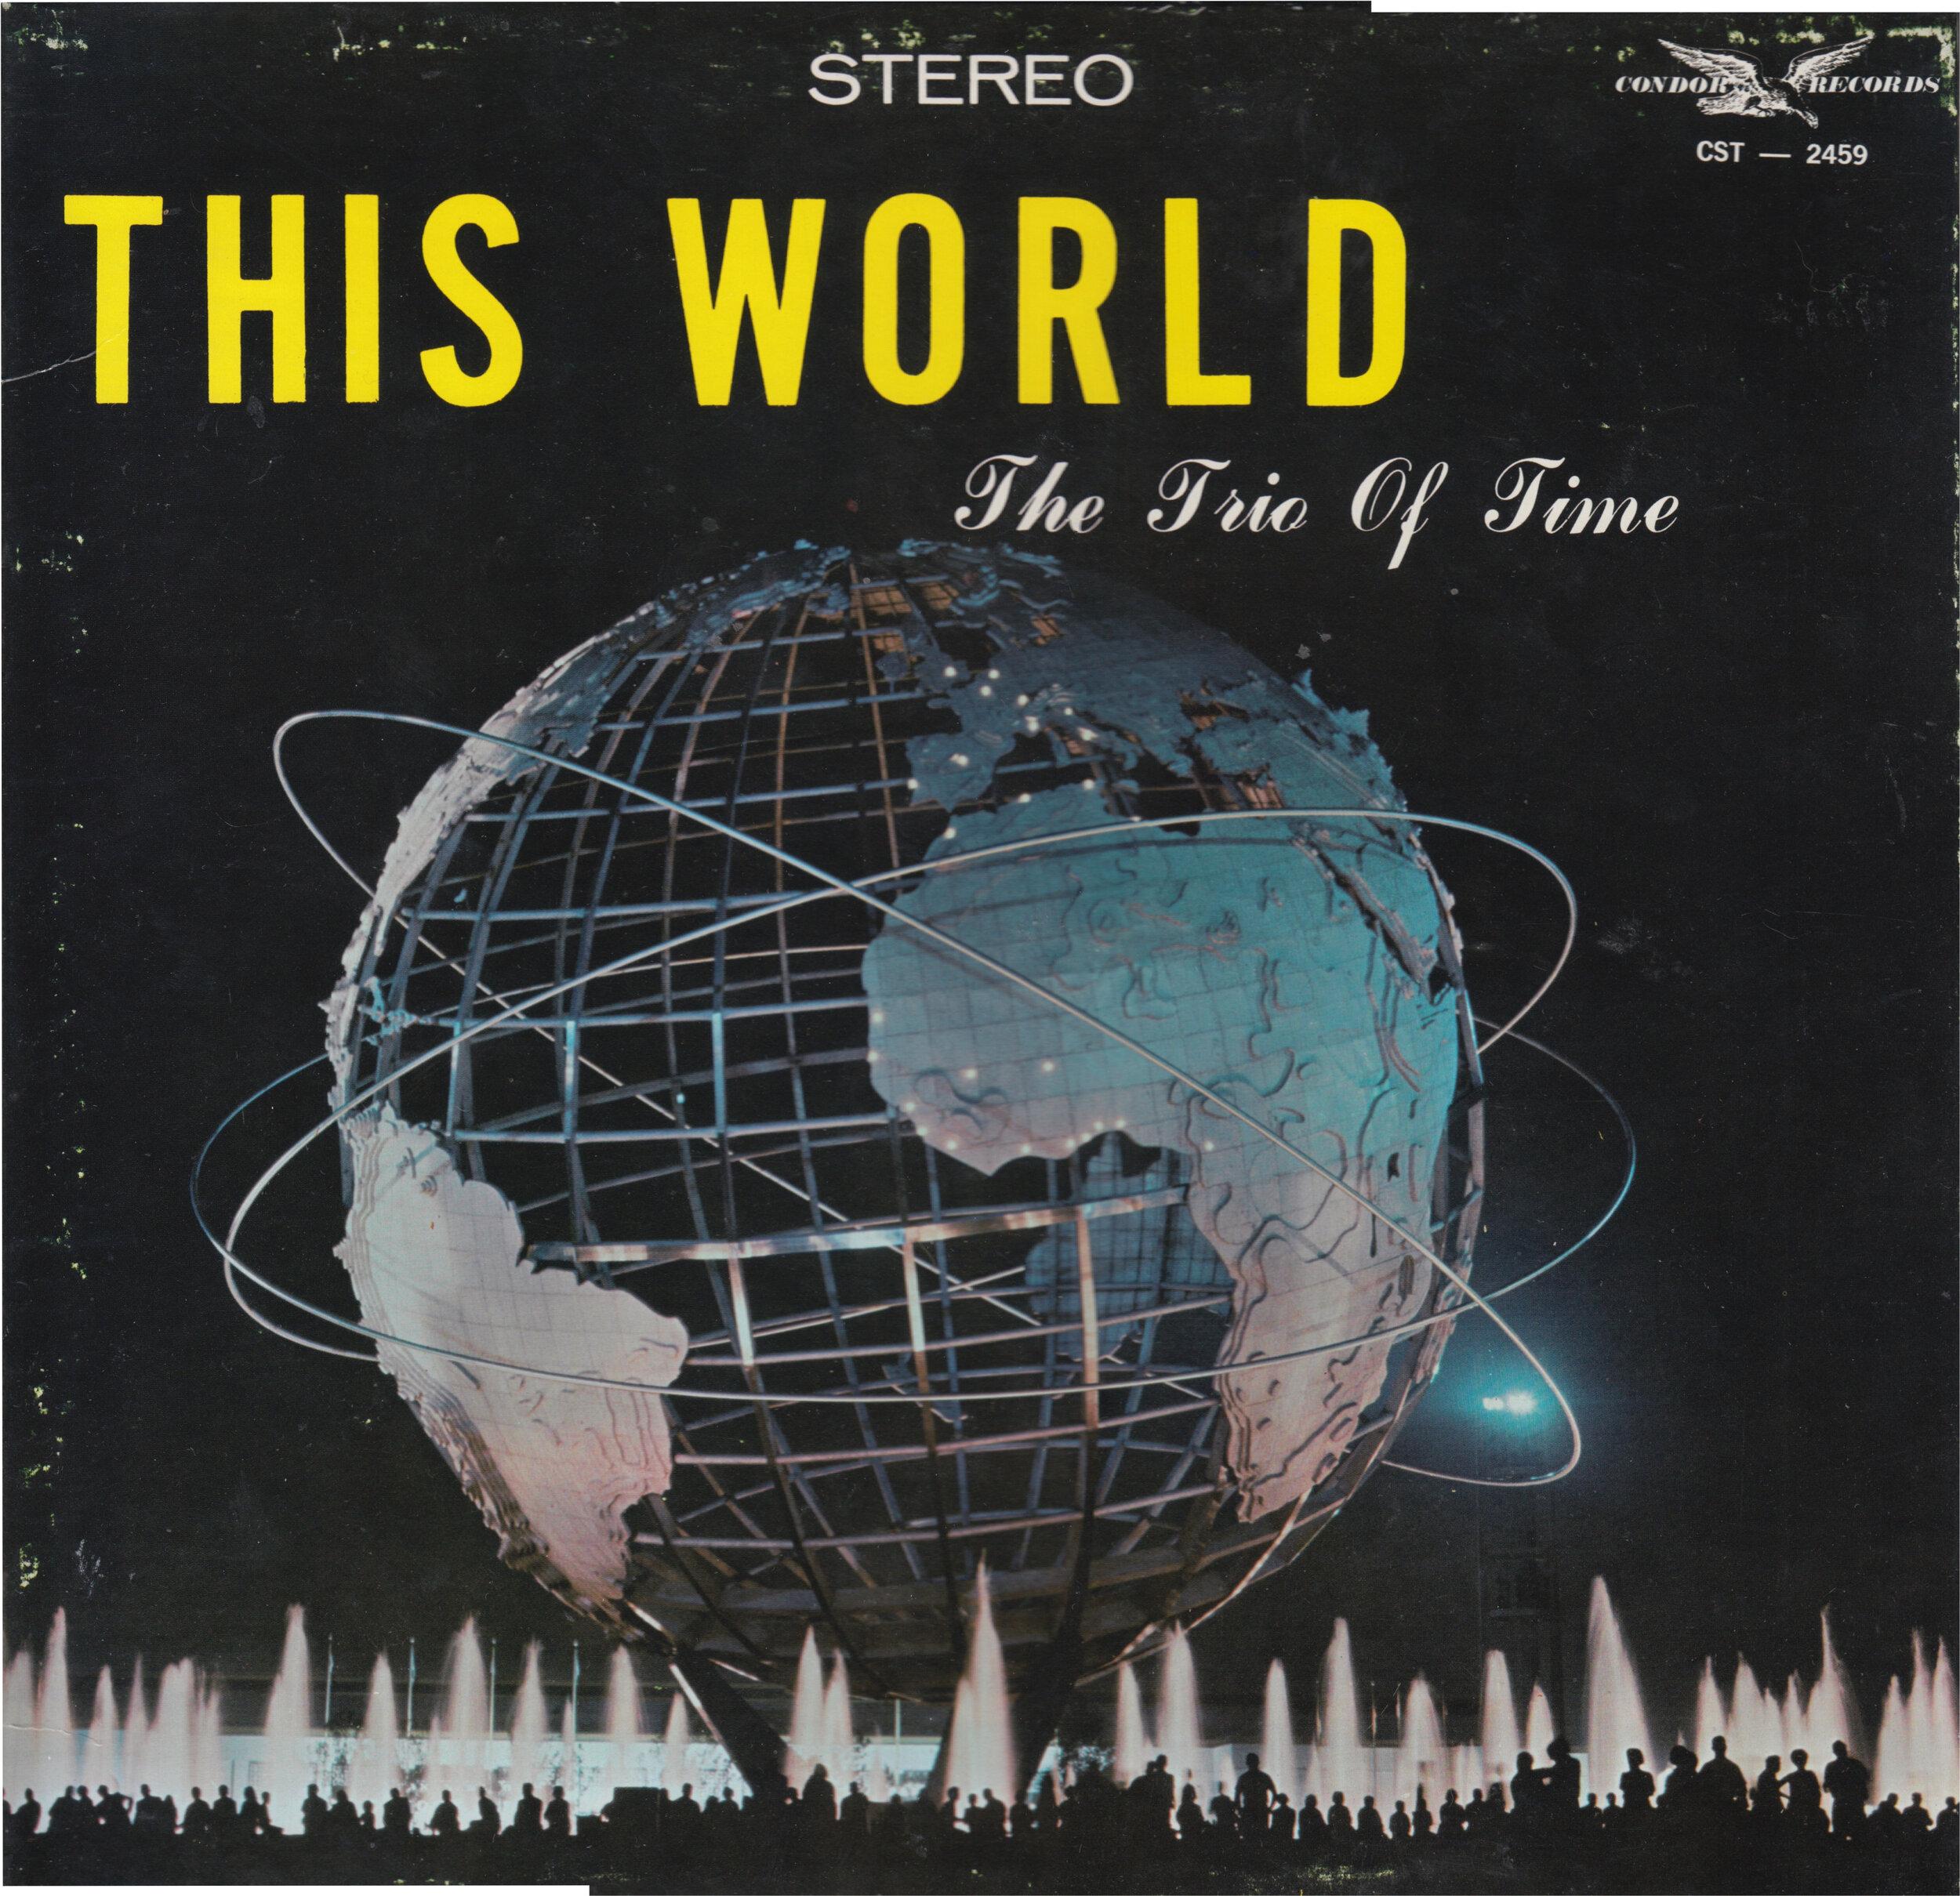 this-world-01_this-world-02.jpg